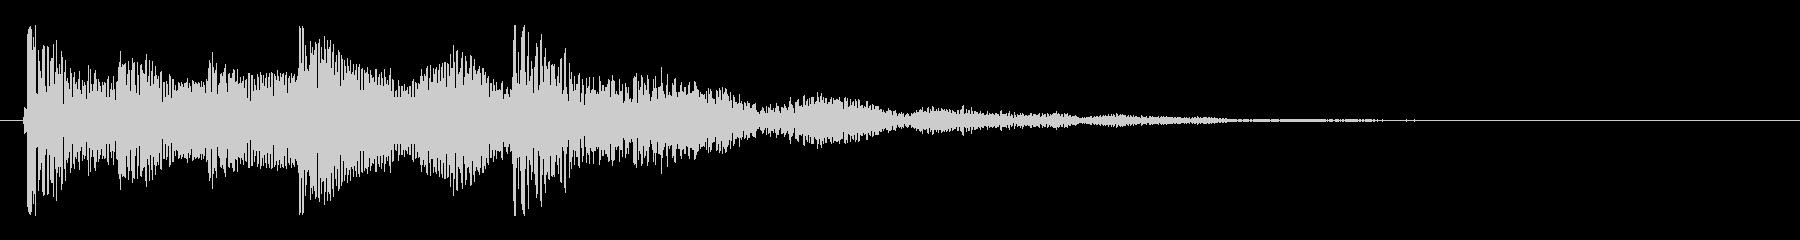 エスニック系の打楽器を使用したジングルの未再生の波形